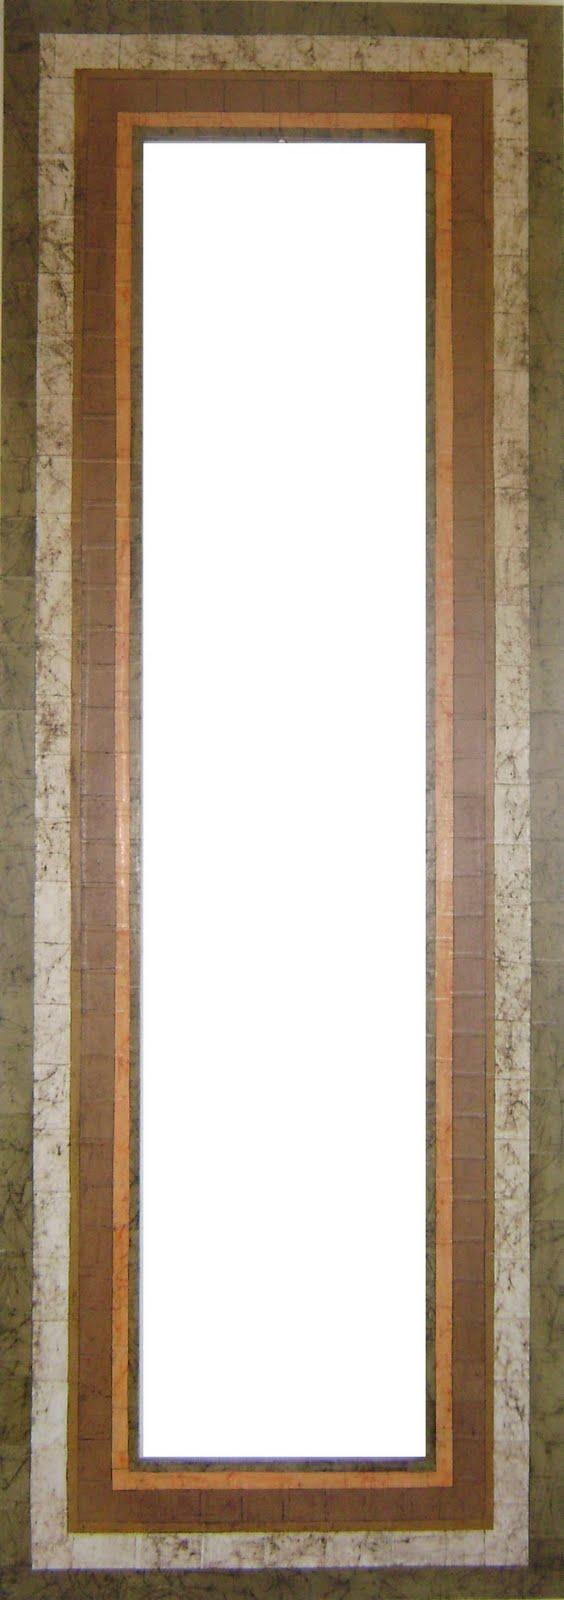 Espejos liaro espejos vestidor for Espejos de vestidor